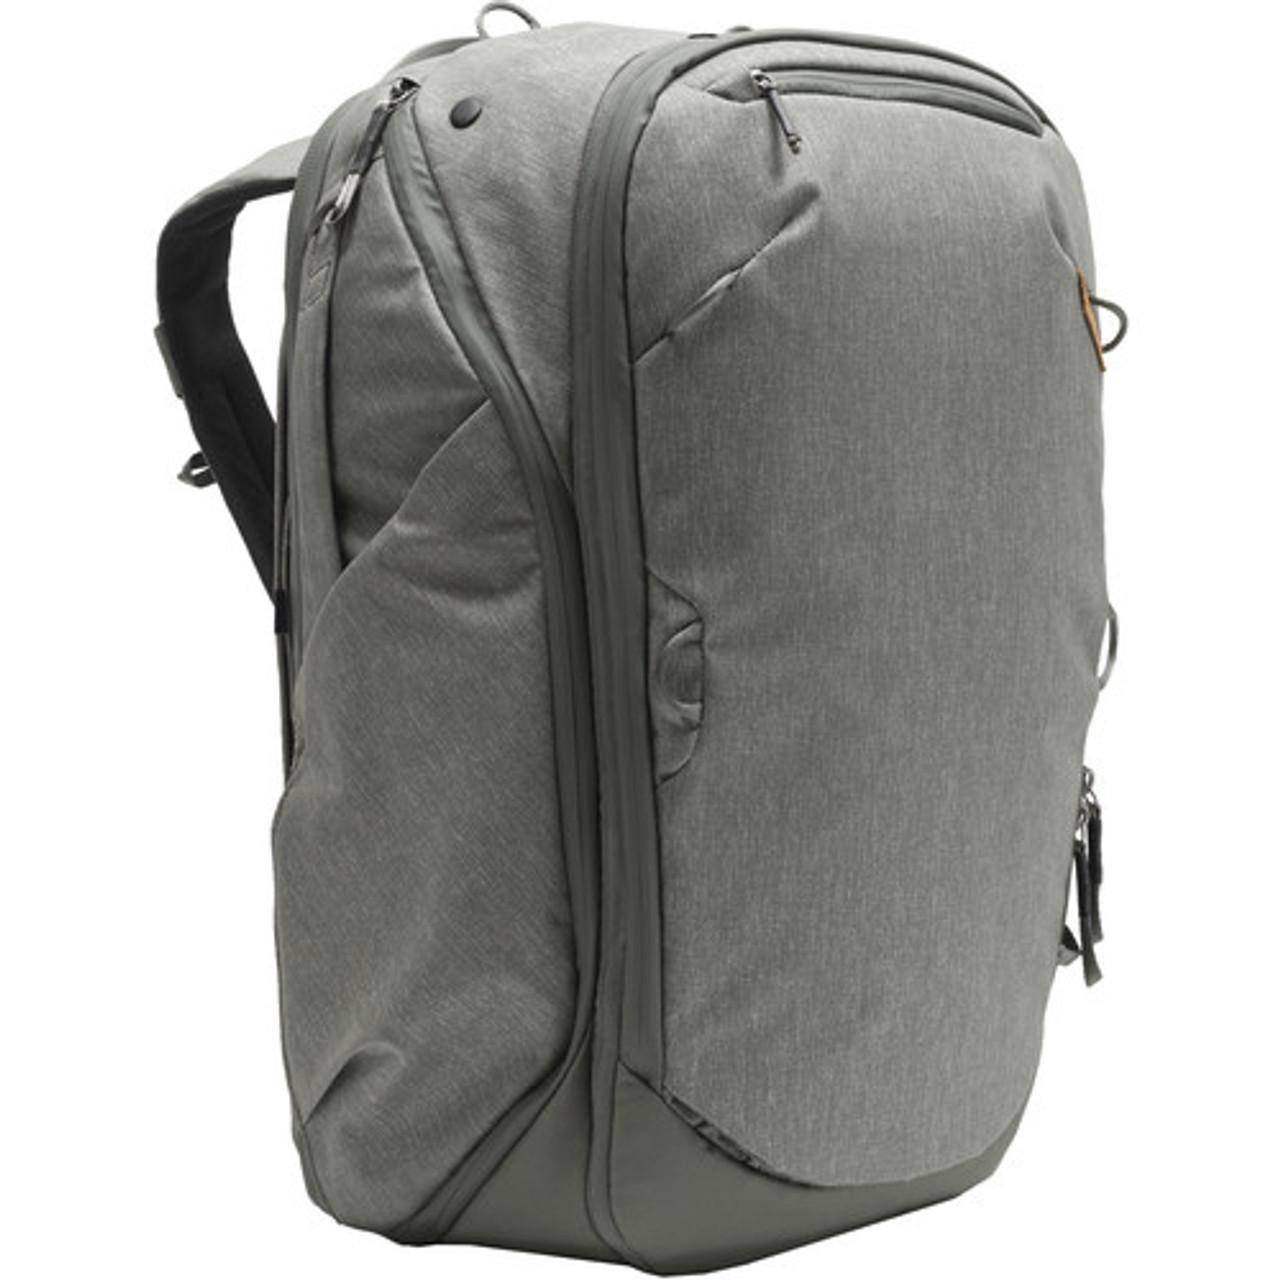 Peak Design Travel Backpack 45L (Sage)